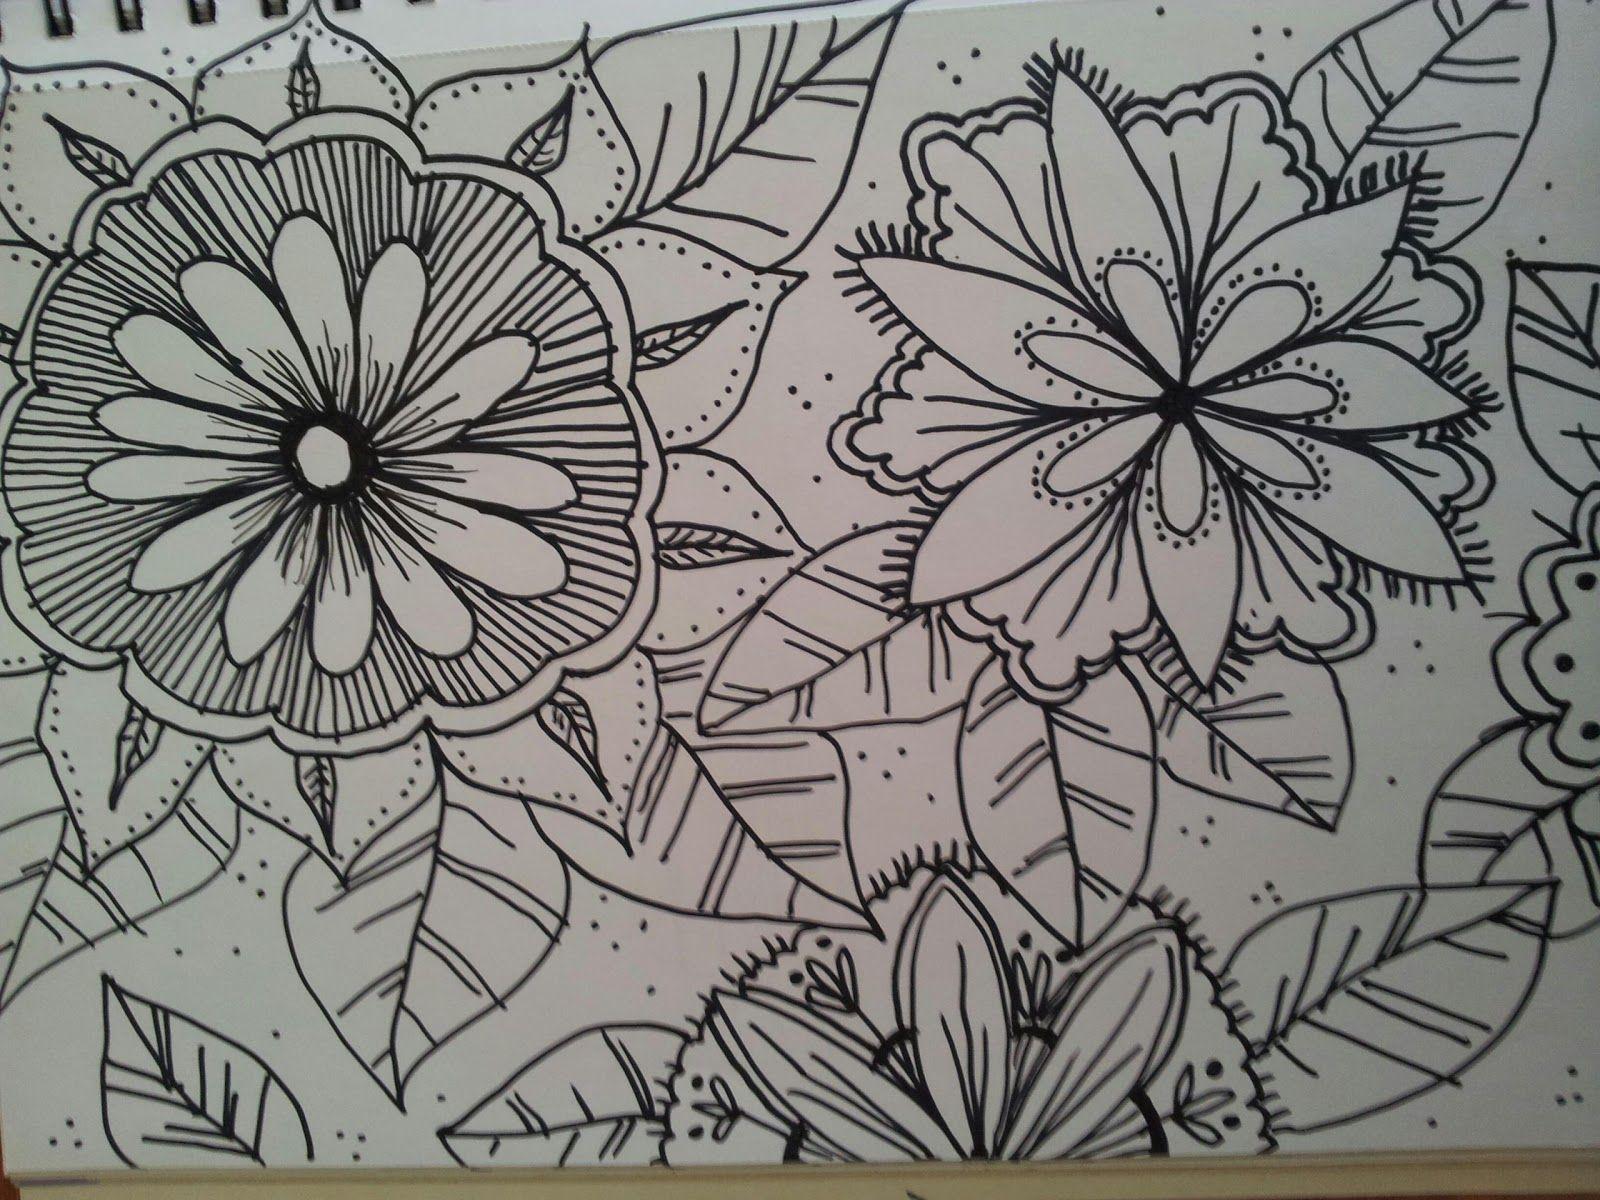 Zen doodle colour - Zen Doodle Designs Of Flowers Colour Same Ideas But This Time With